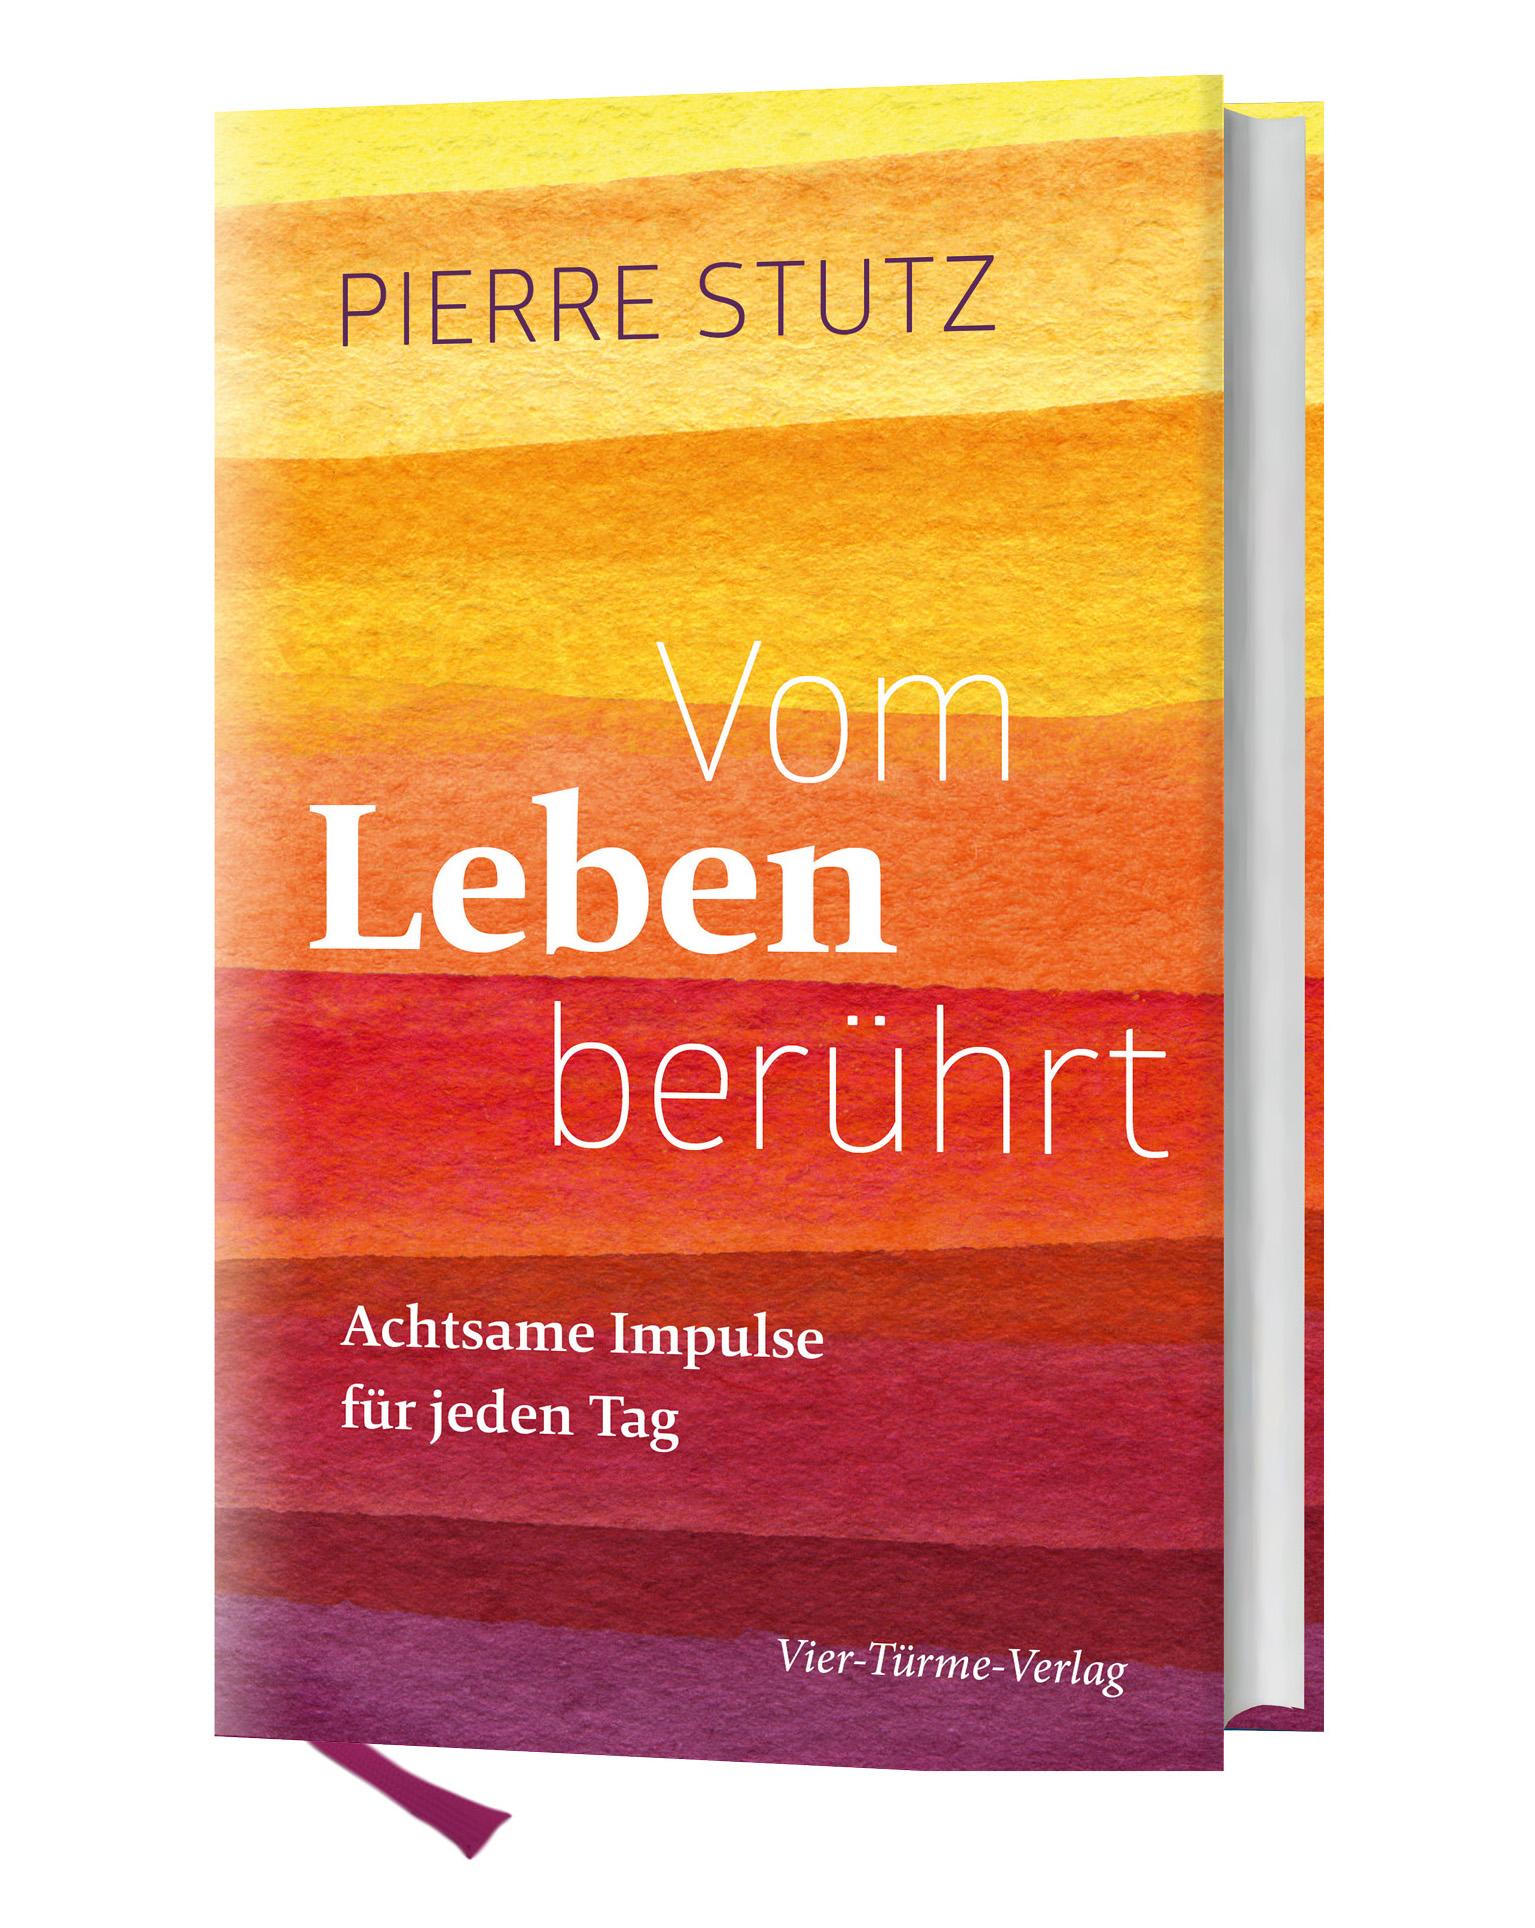 Vom Leben berührt - Cover - Pierre Stutz